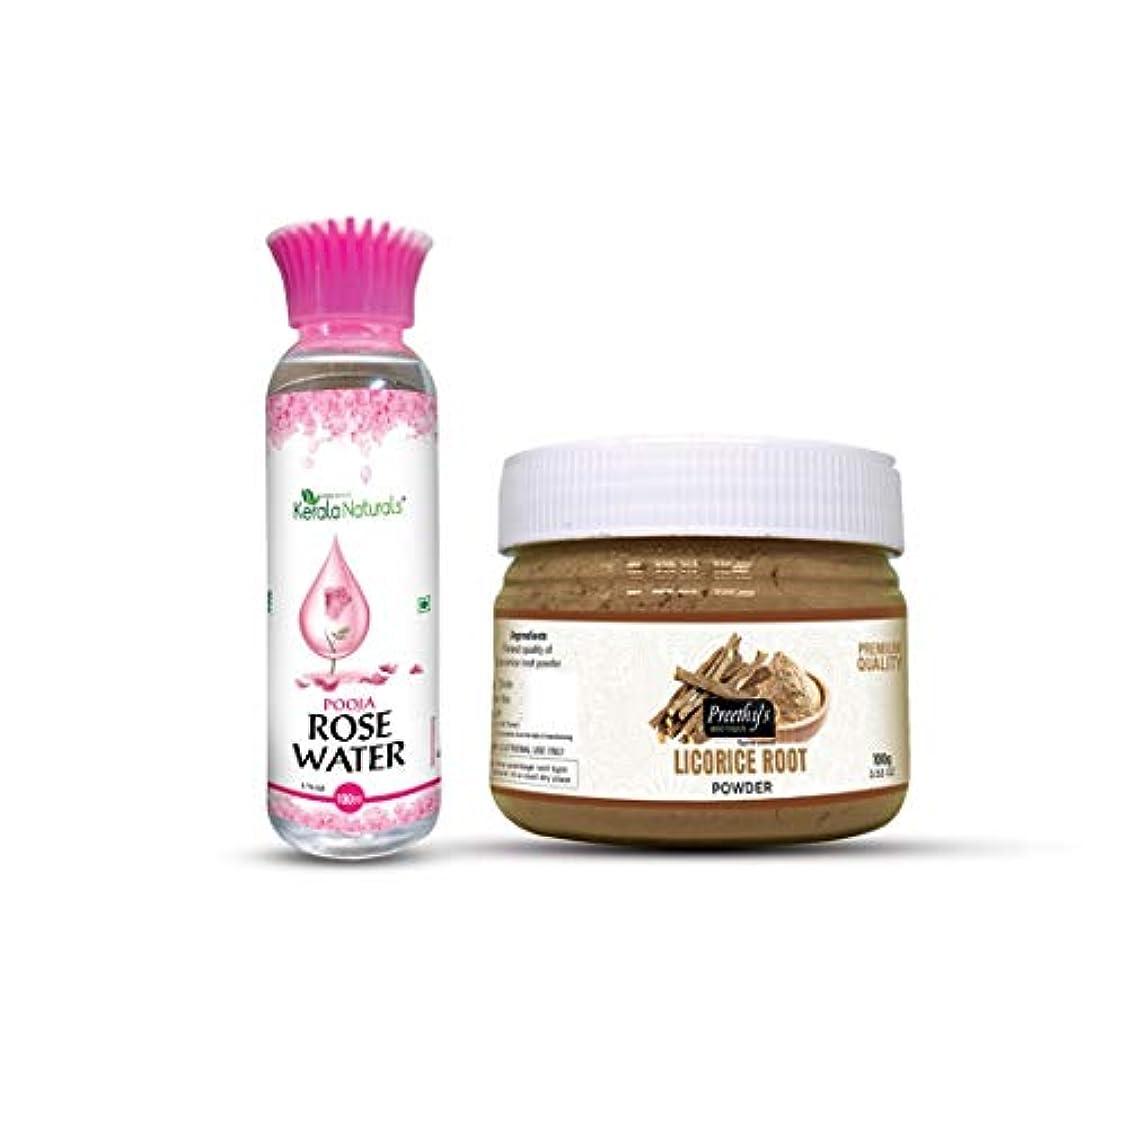 物質に勝る封建Combo of Licorice root powder 100gm + Rose water 100ml - Natural Remedies for Skin Disorders, Fade Dark Spots, Natural Cleanser - 甘草の根パウダー100gm +ローズウォーター100mlのコンボ-皮膚疾患、フェードダークスポット、ナチュラルクレンザーの自然療法